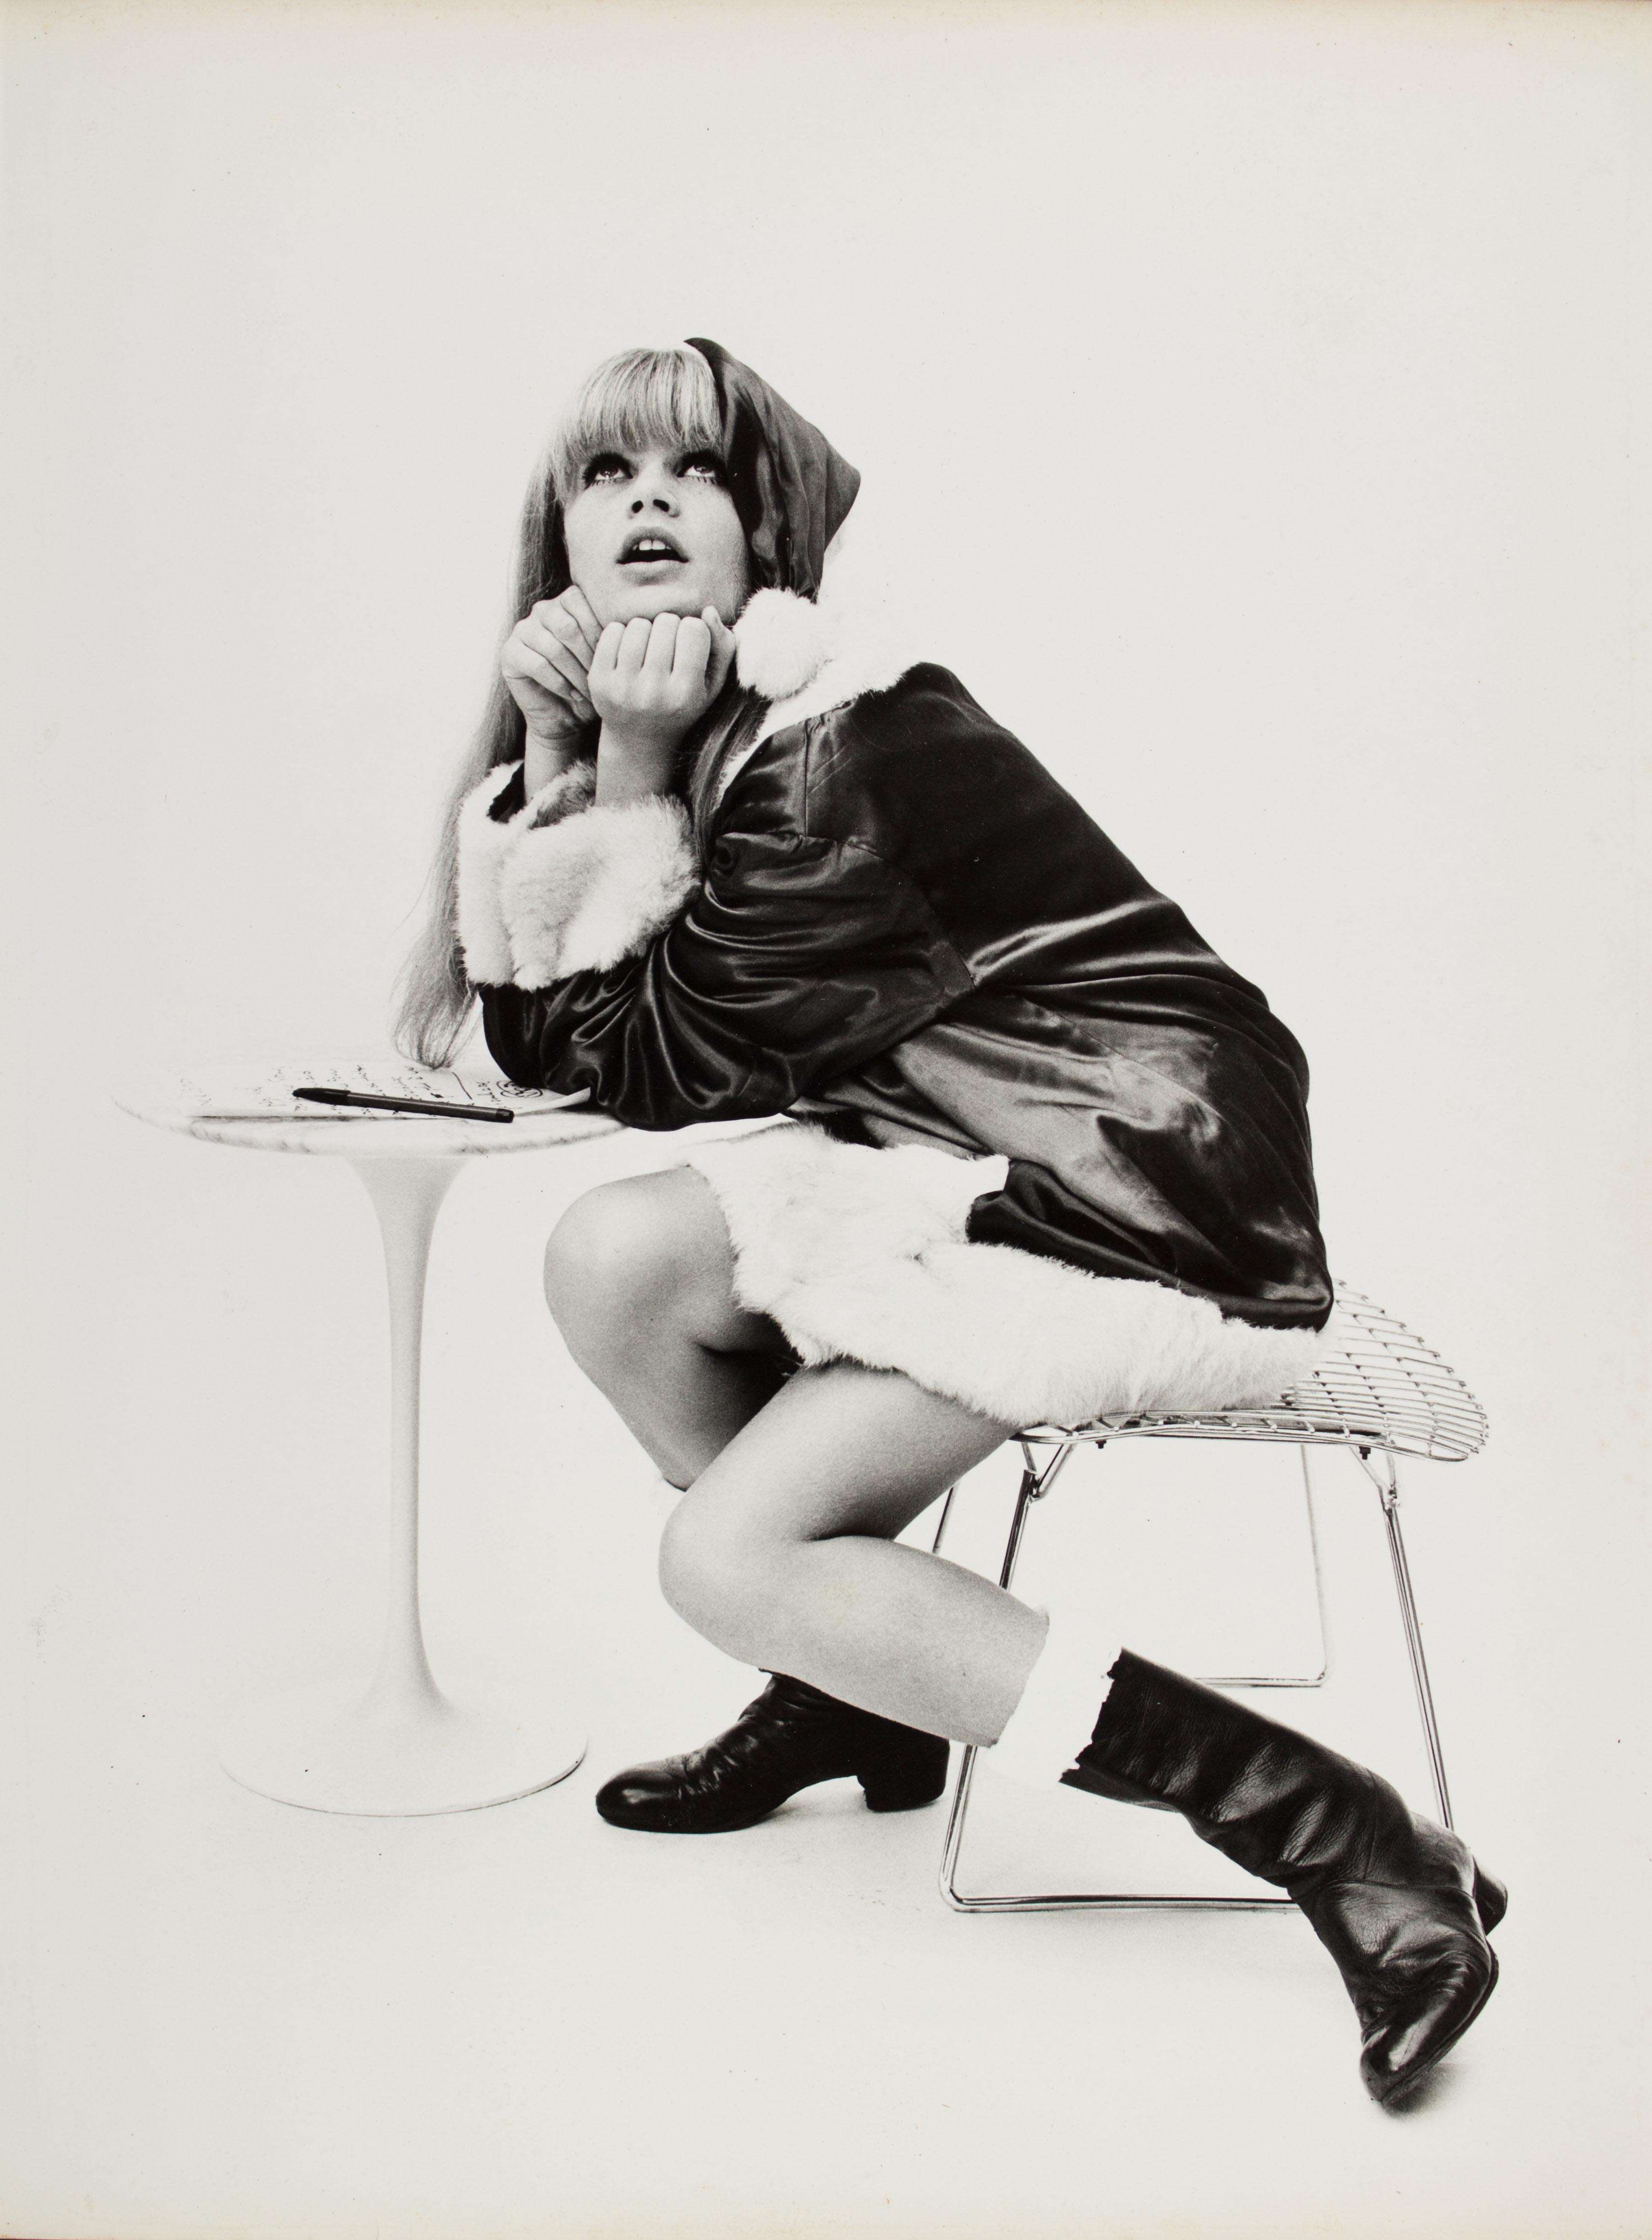 Oriol Maspons - Sense títol (Irma Walling, Barcelona) - Cap a 1958-1964